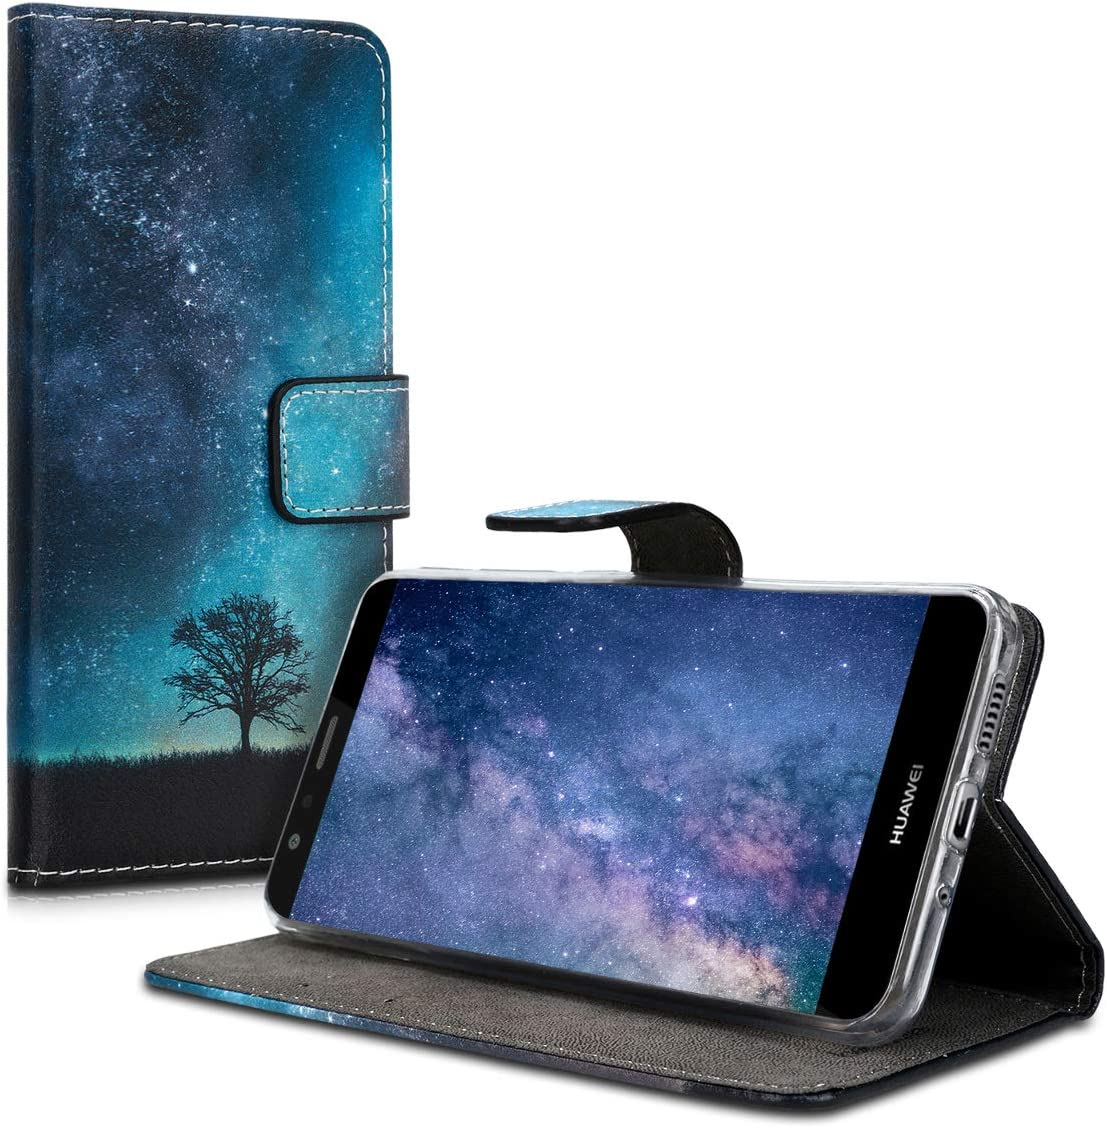 kwmobile Etui Housse Coque Portefeuille Compatible Huawei P10 Lite - Etui Folio Simili Cuir - Cosmic Nature Bleu/Gris/Noir